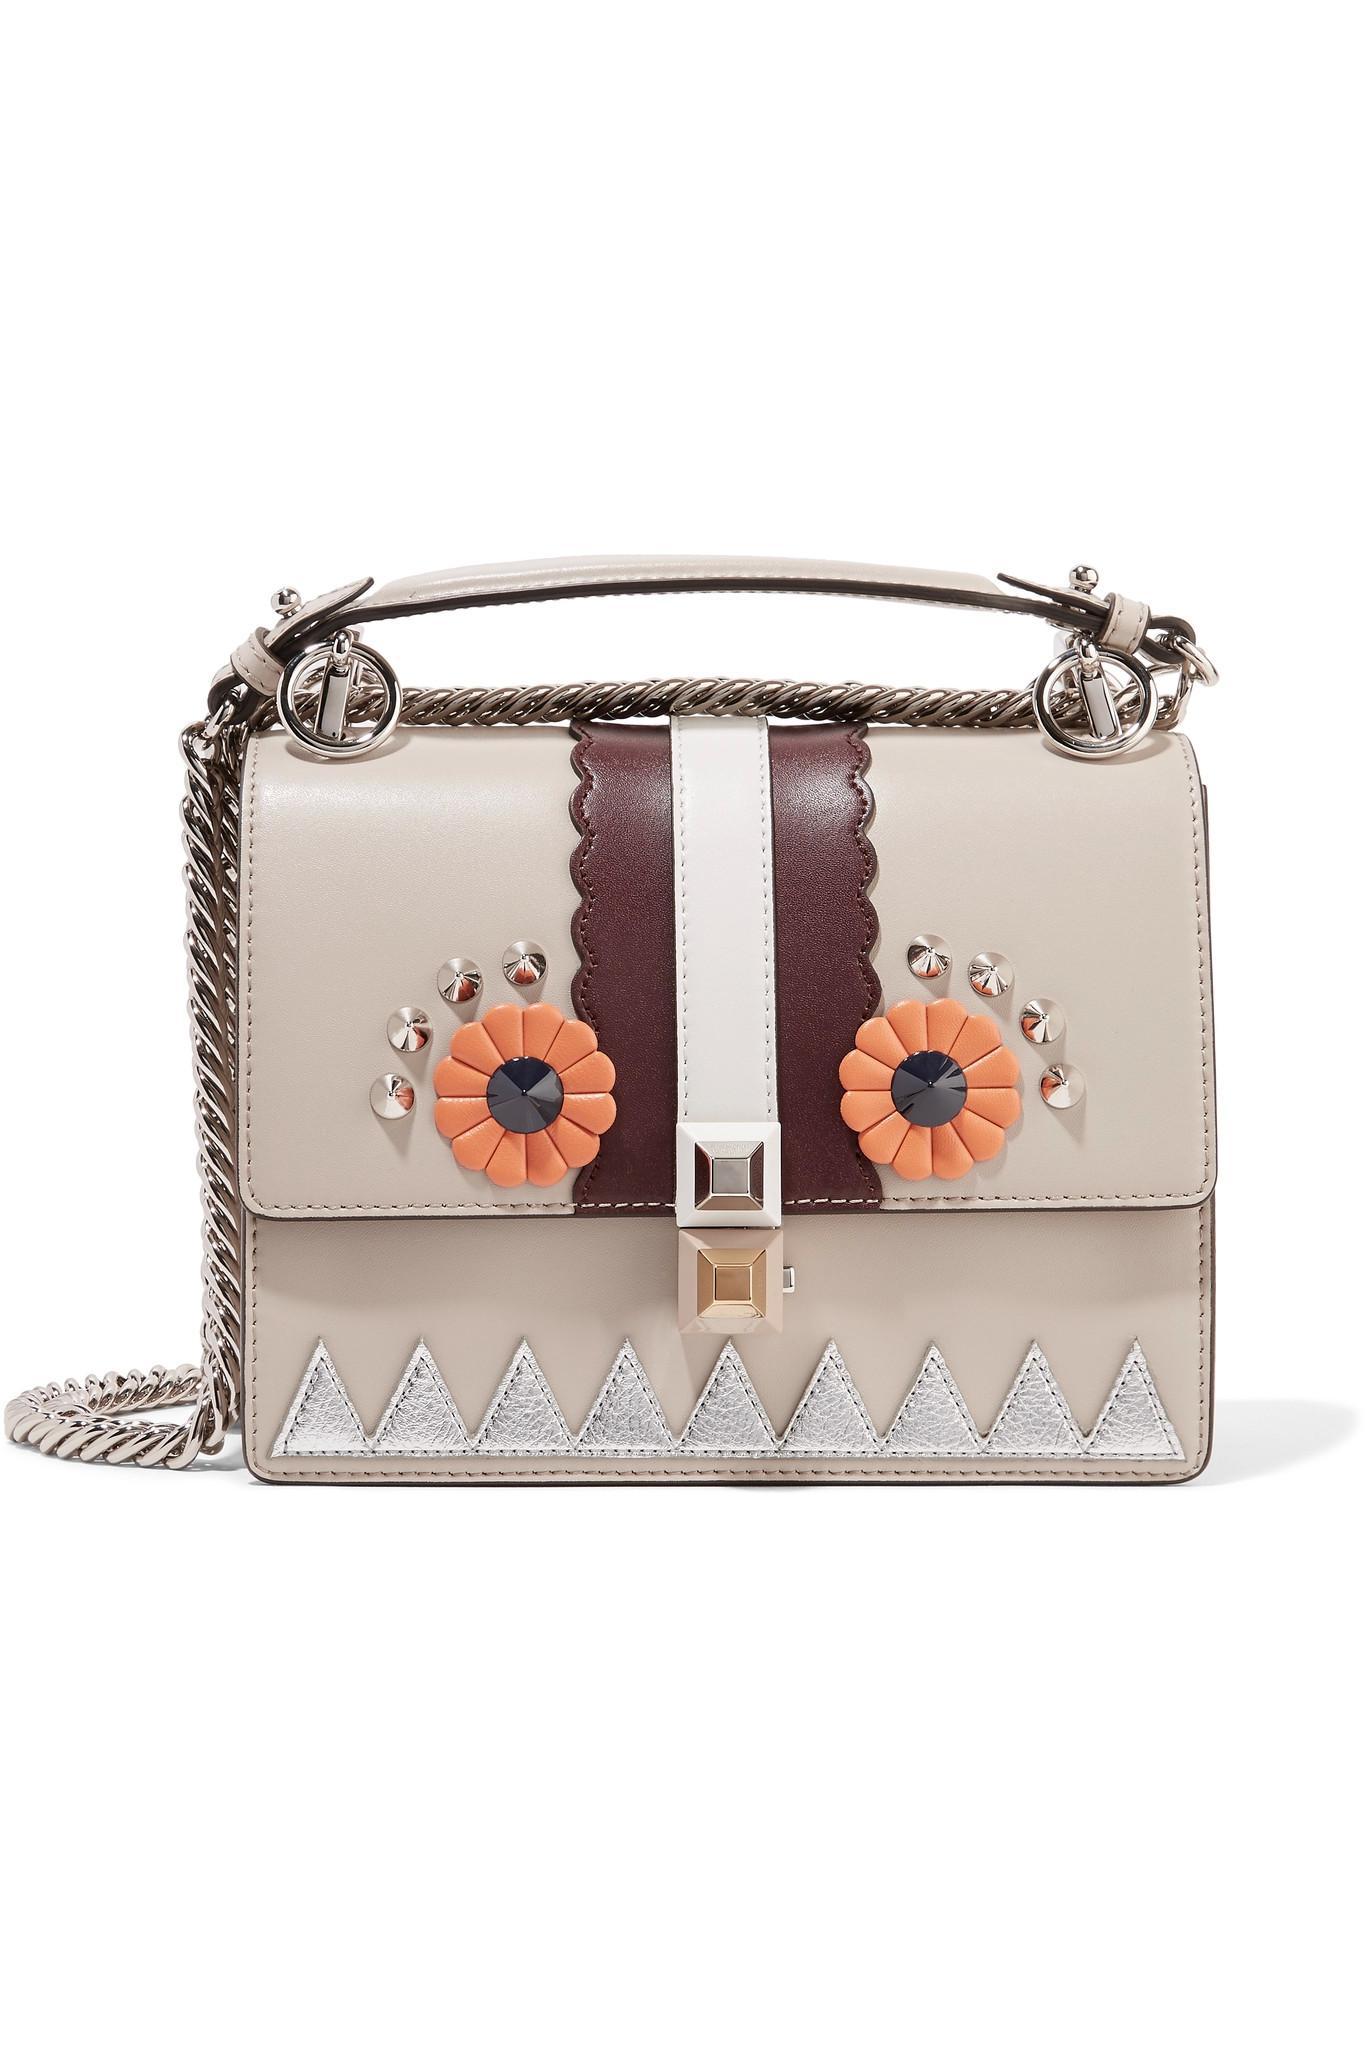 Fendi Kan I Mini Embellished Leather Shoulder Bag - Lyst 098f920686fd4